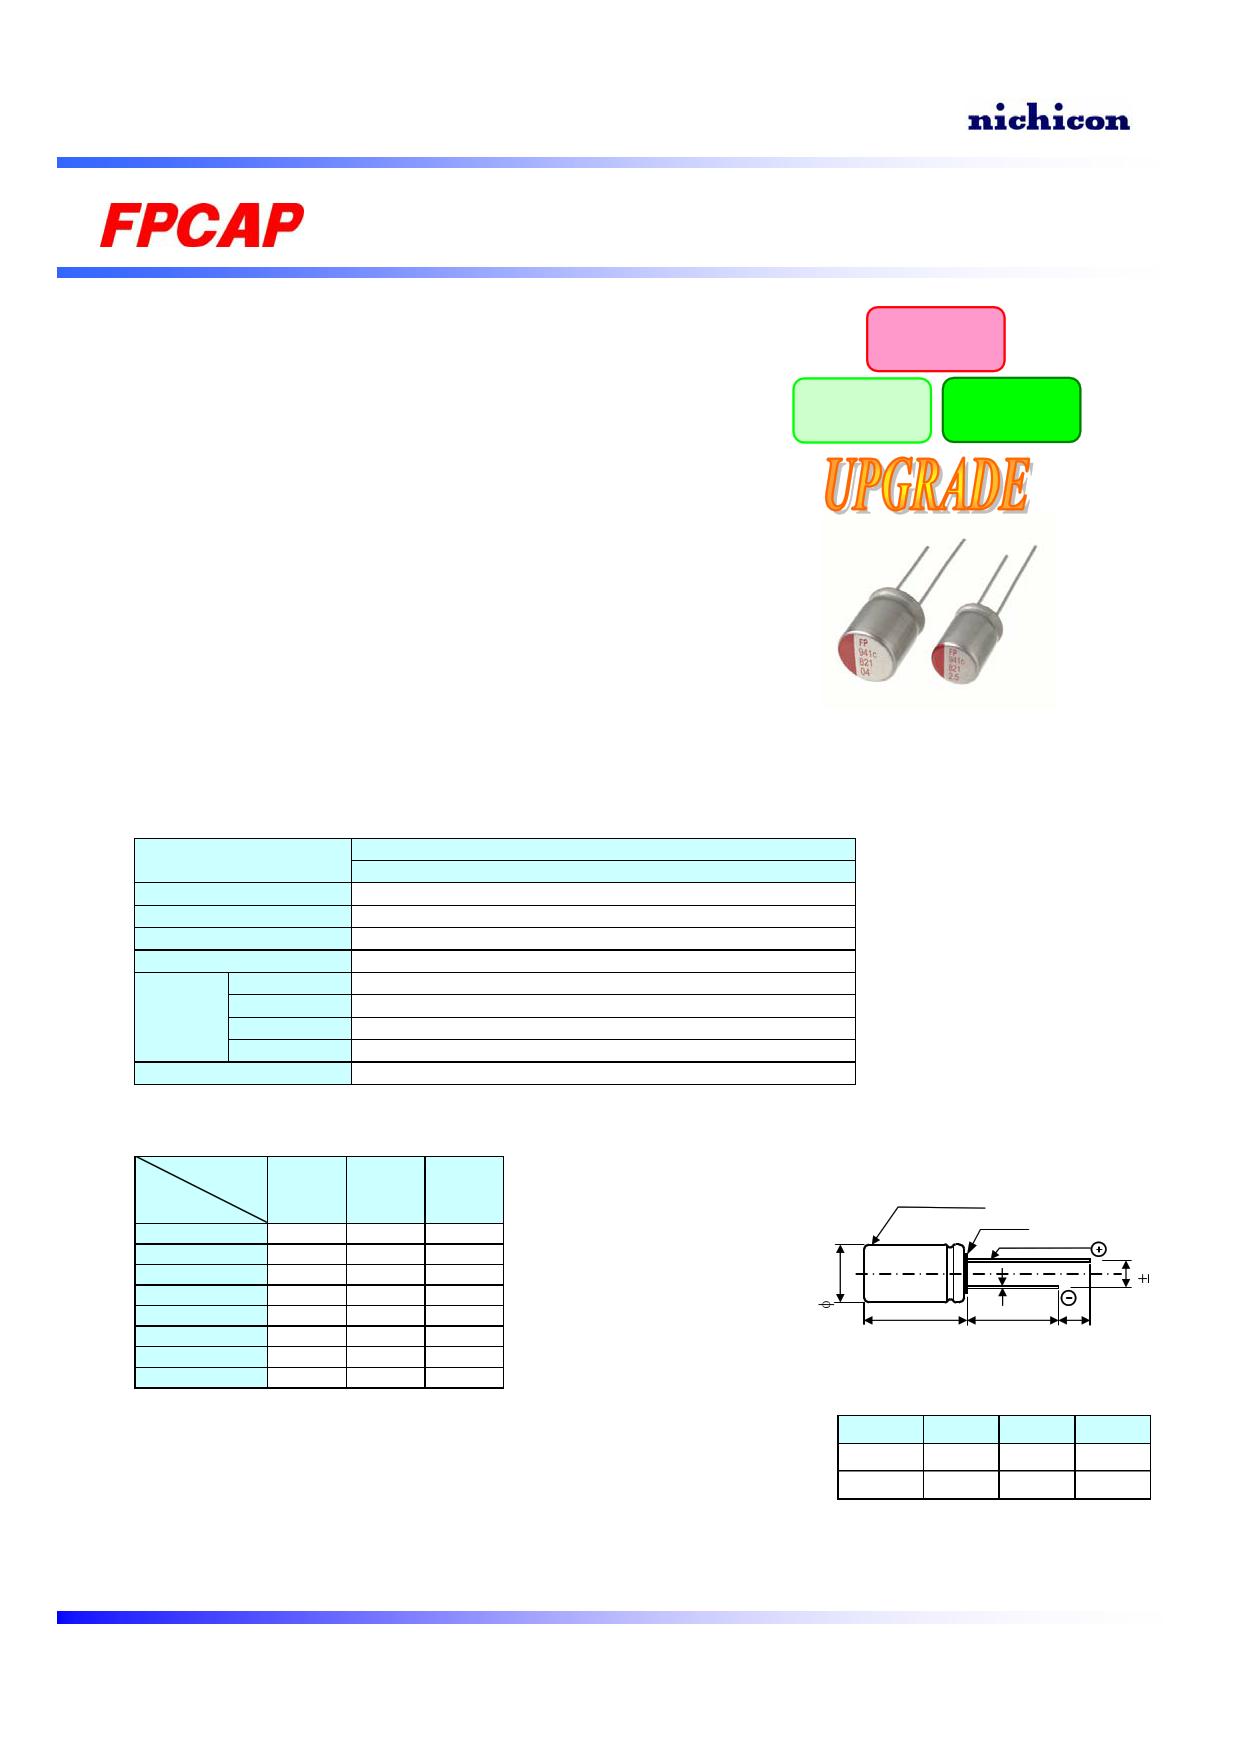 RR50J681MDN1PX 데이터시트 및 RR50J681MDN1PX PDF